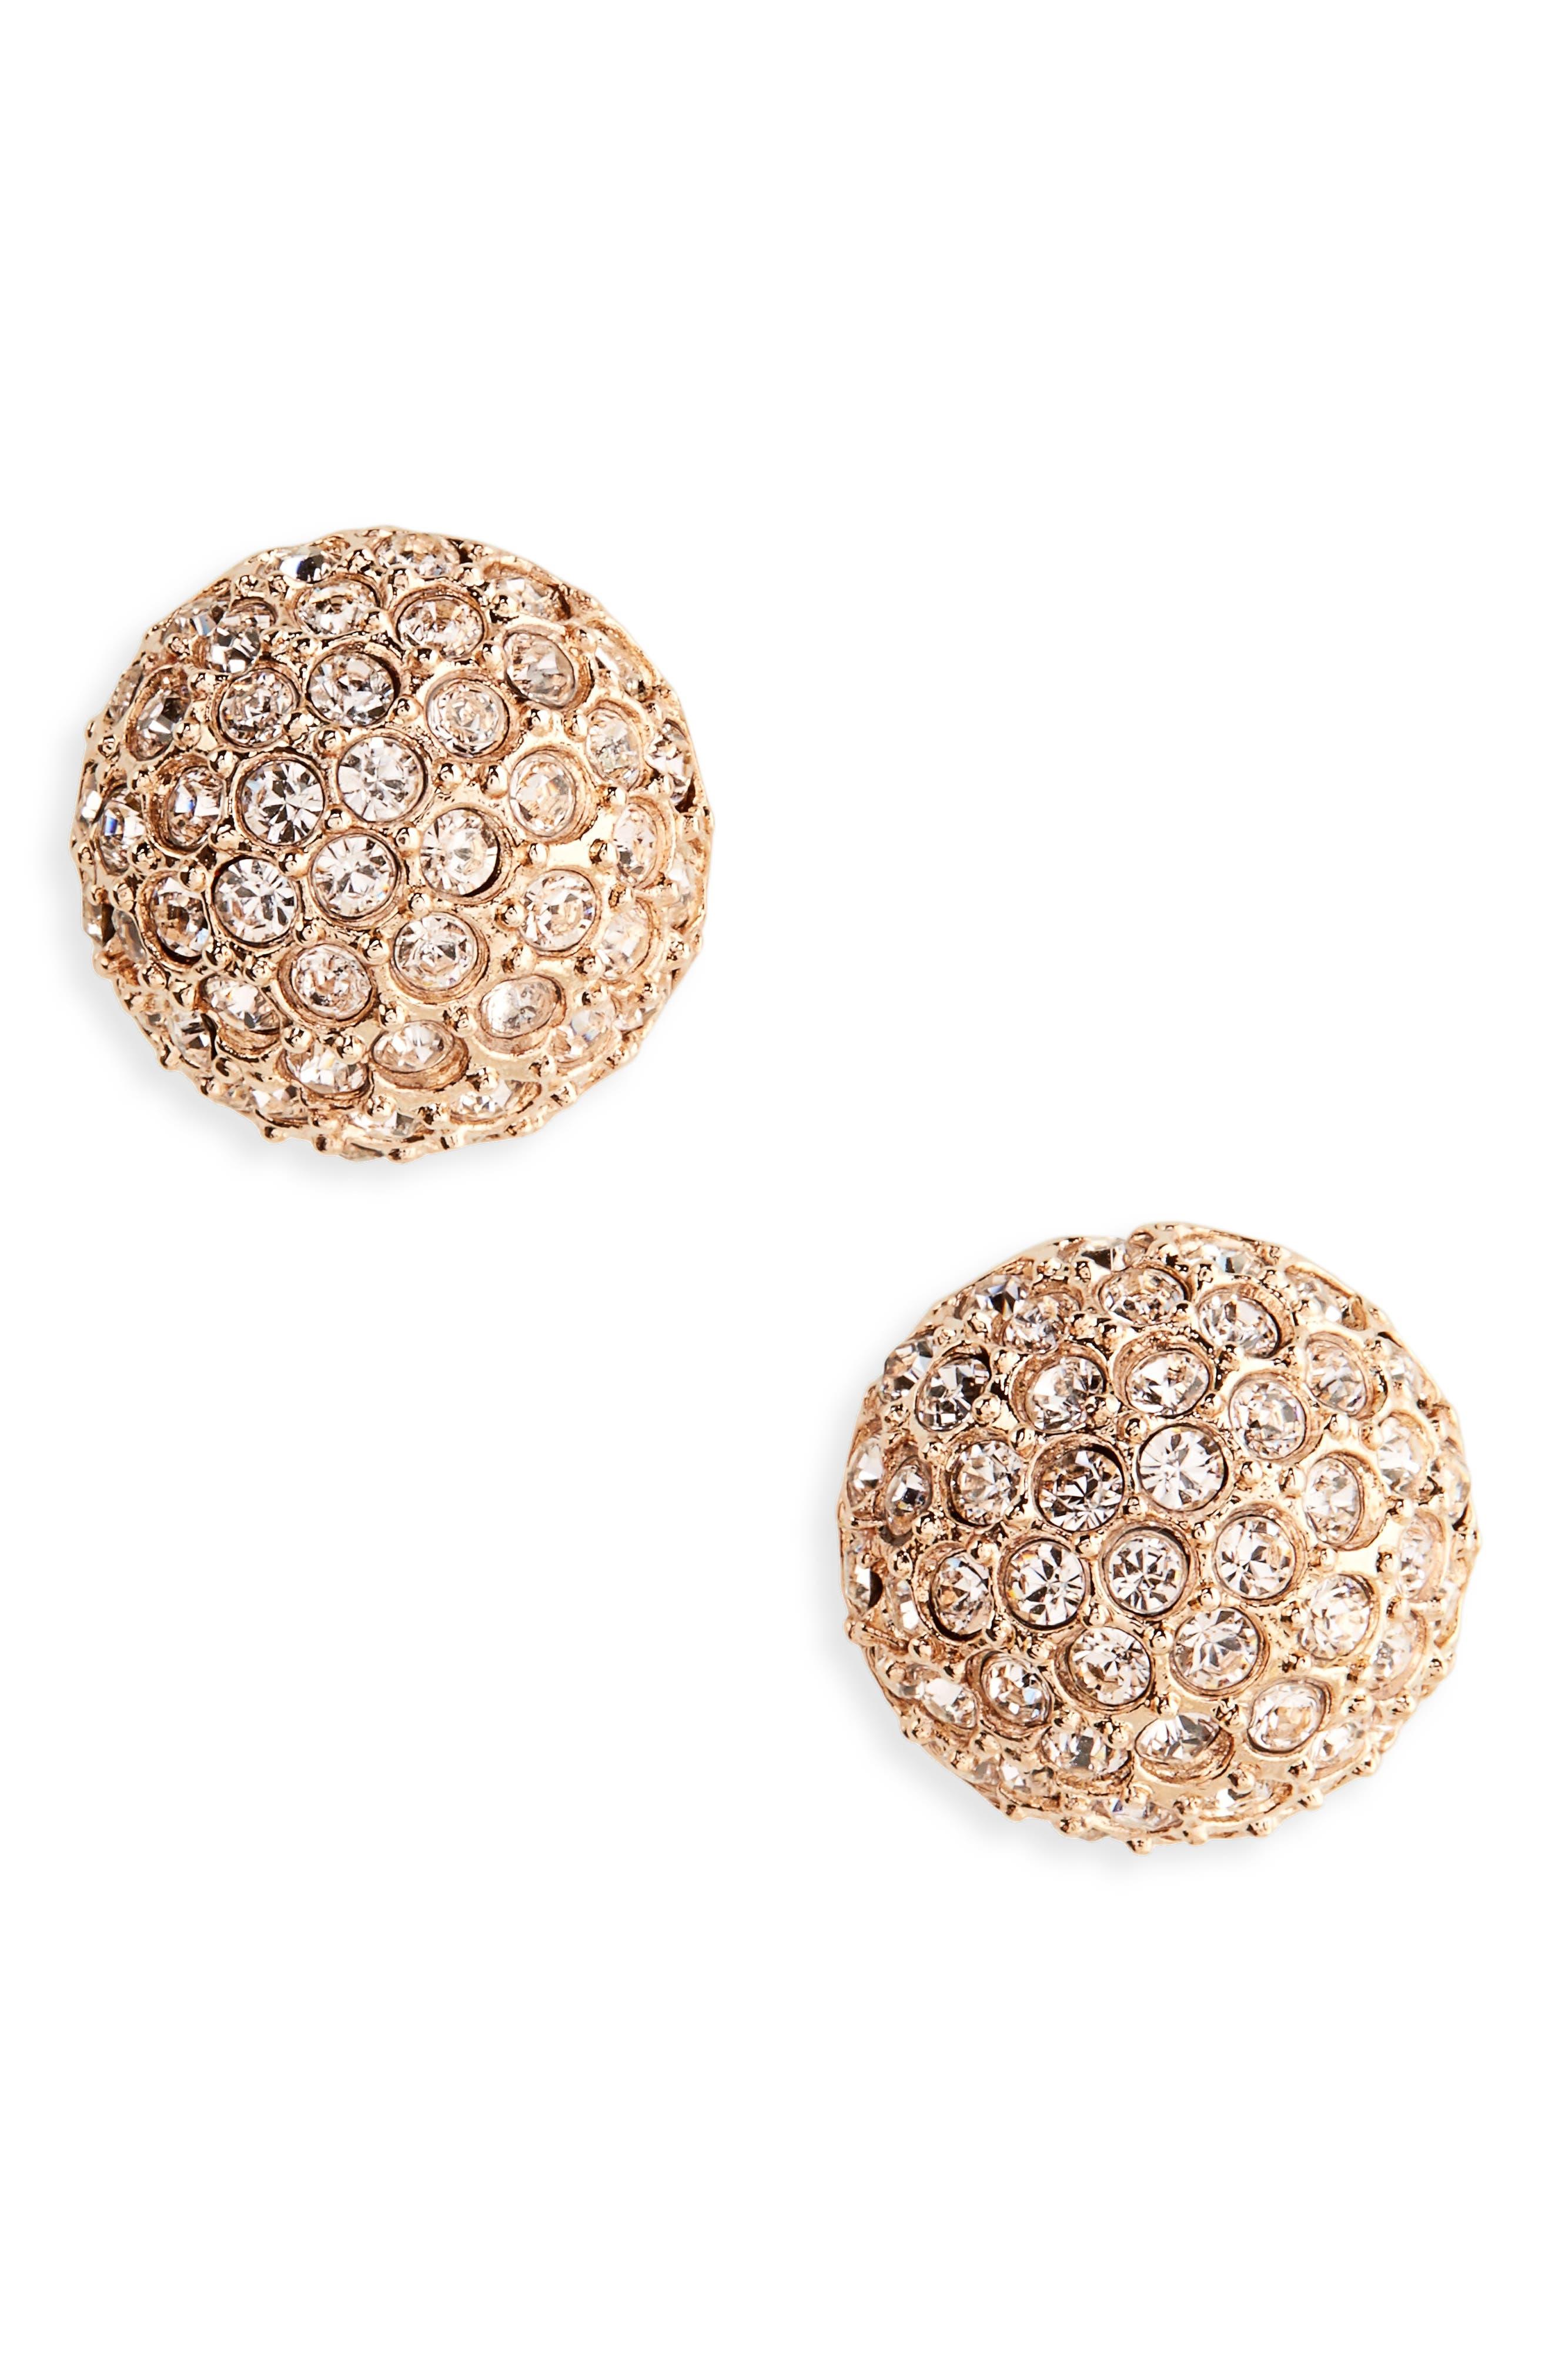 Oscar de la Renta Dome Stud Earrings